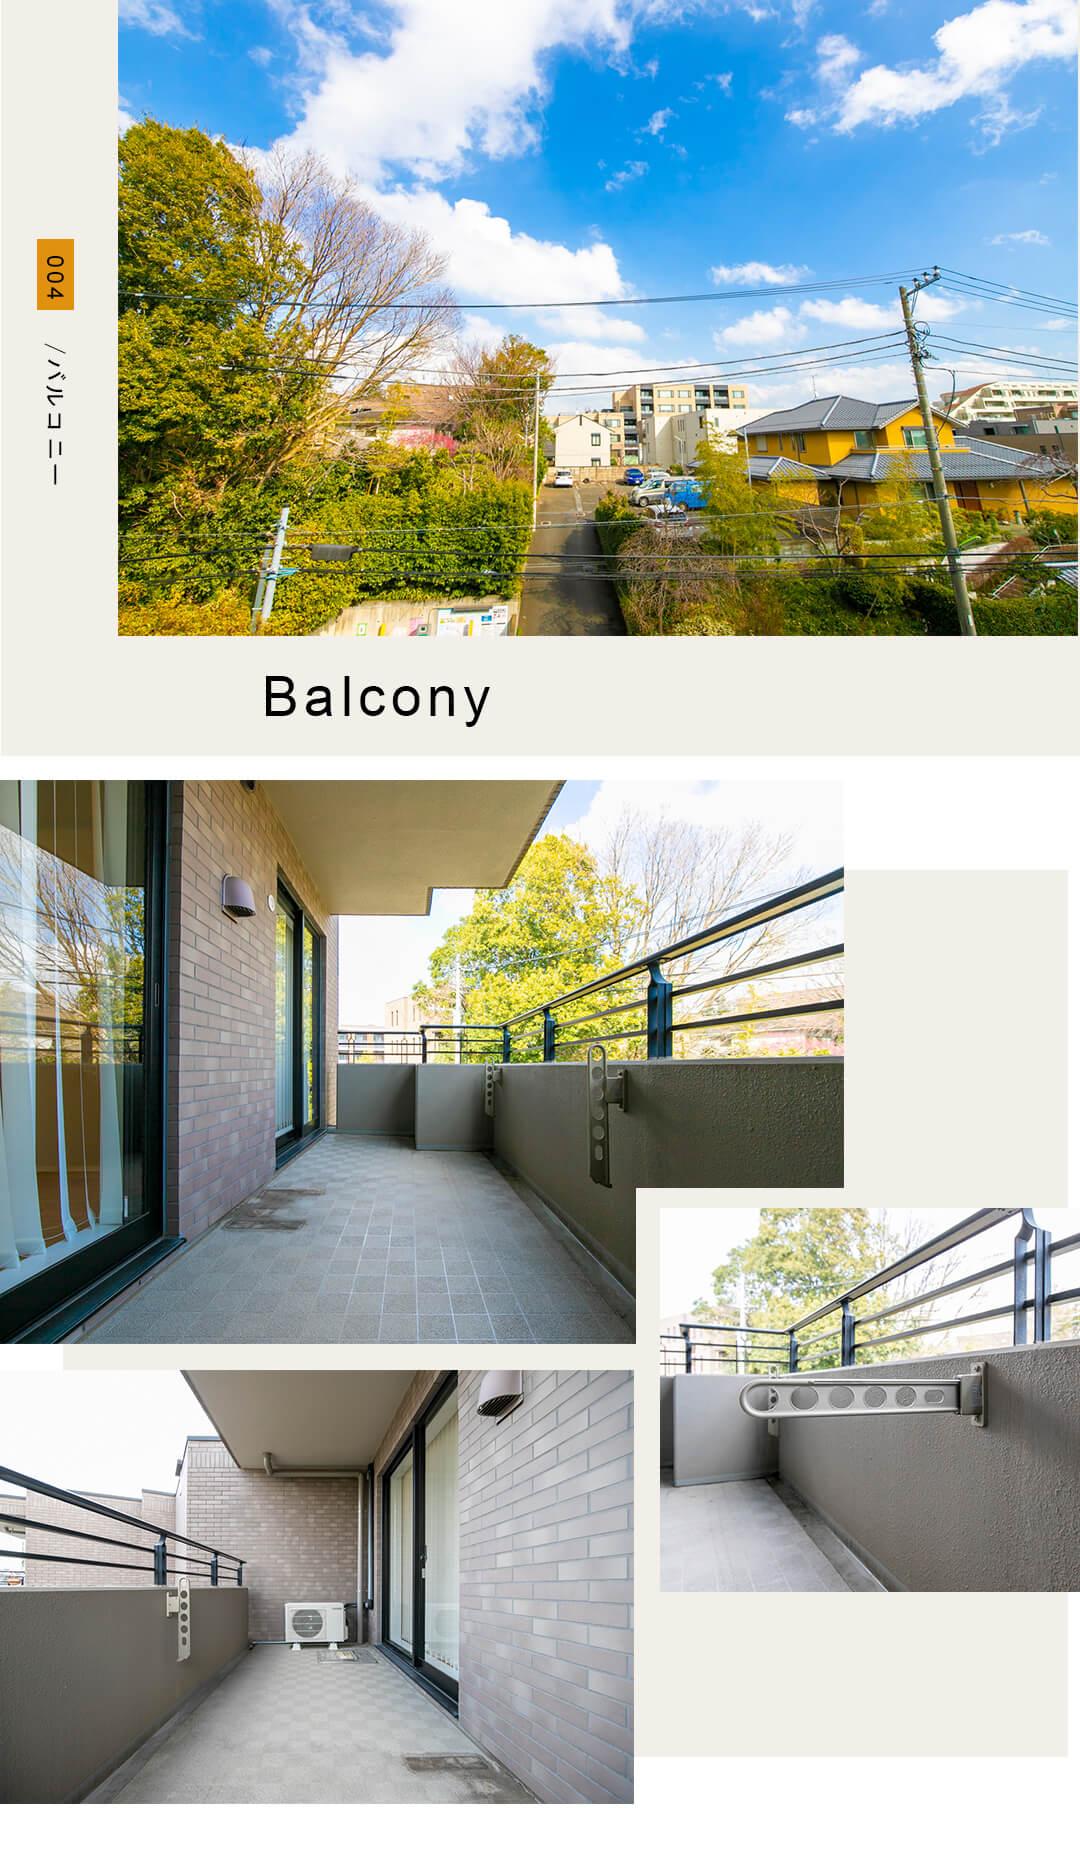 004バルコニー,Balcony